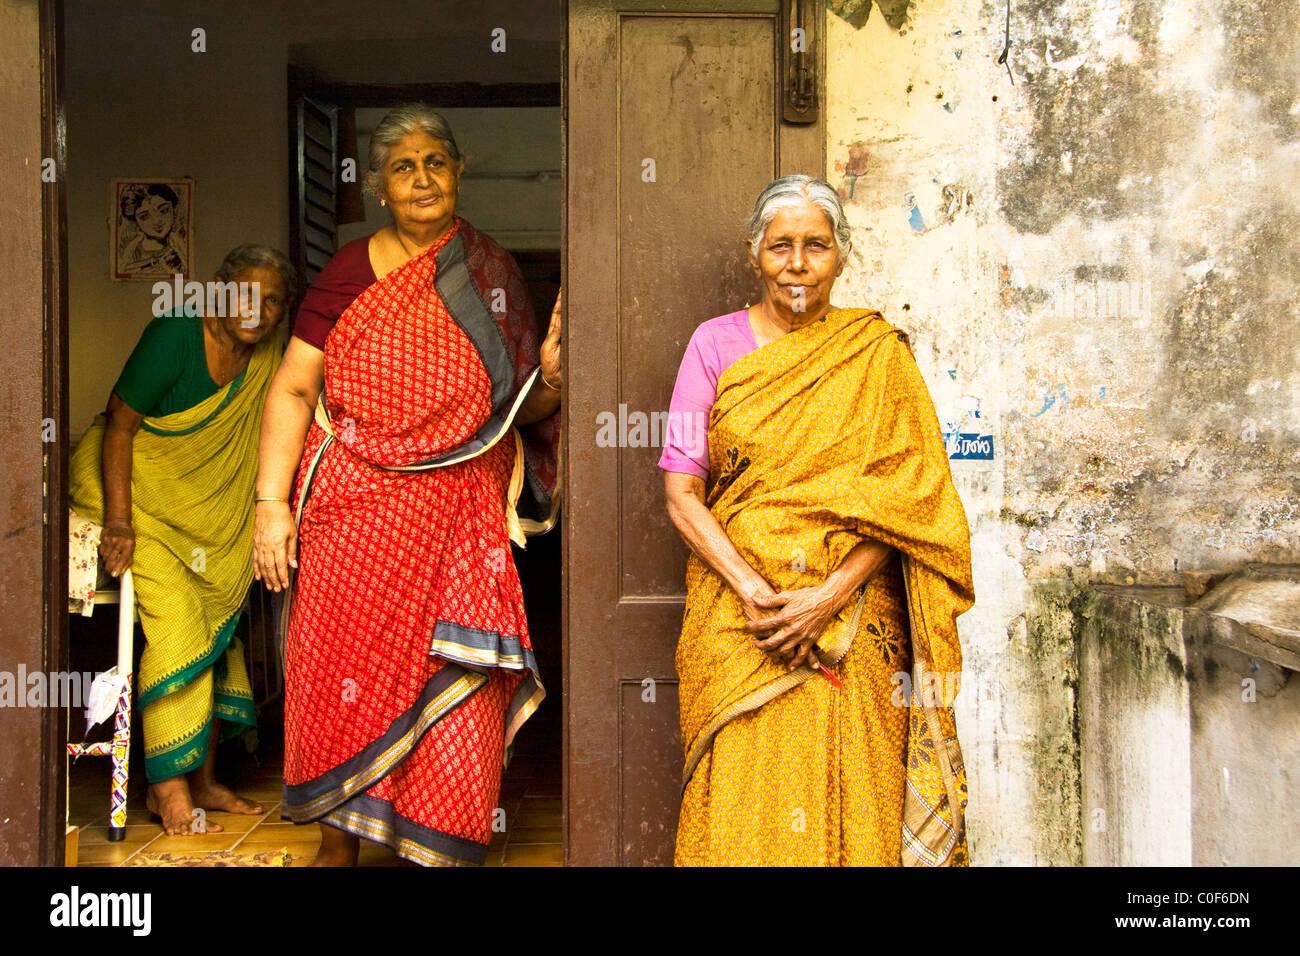 4e25bb819862b Drei alte indische Damen verkleidet mit bunten Saris vor einem alten Haus.  Stockbild